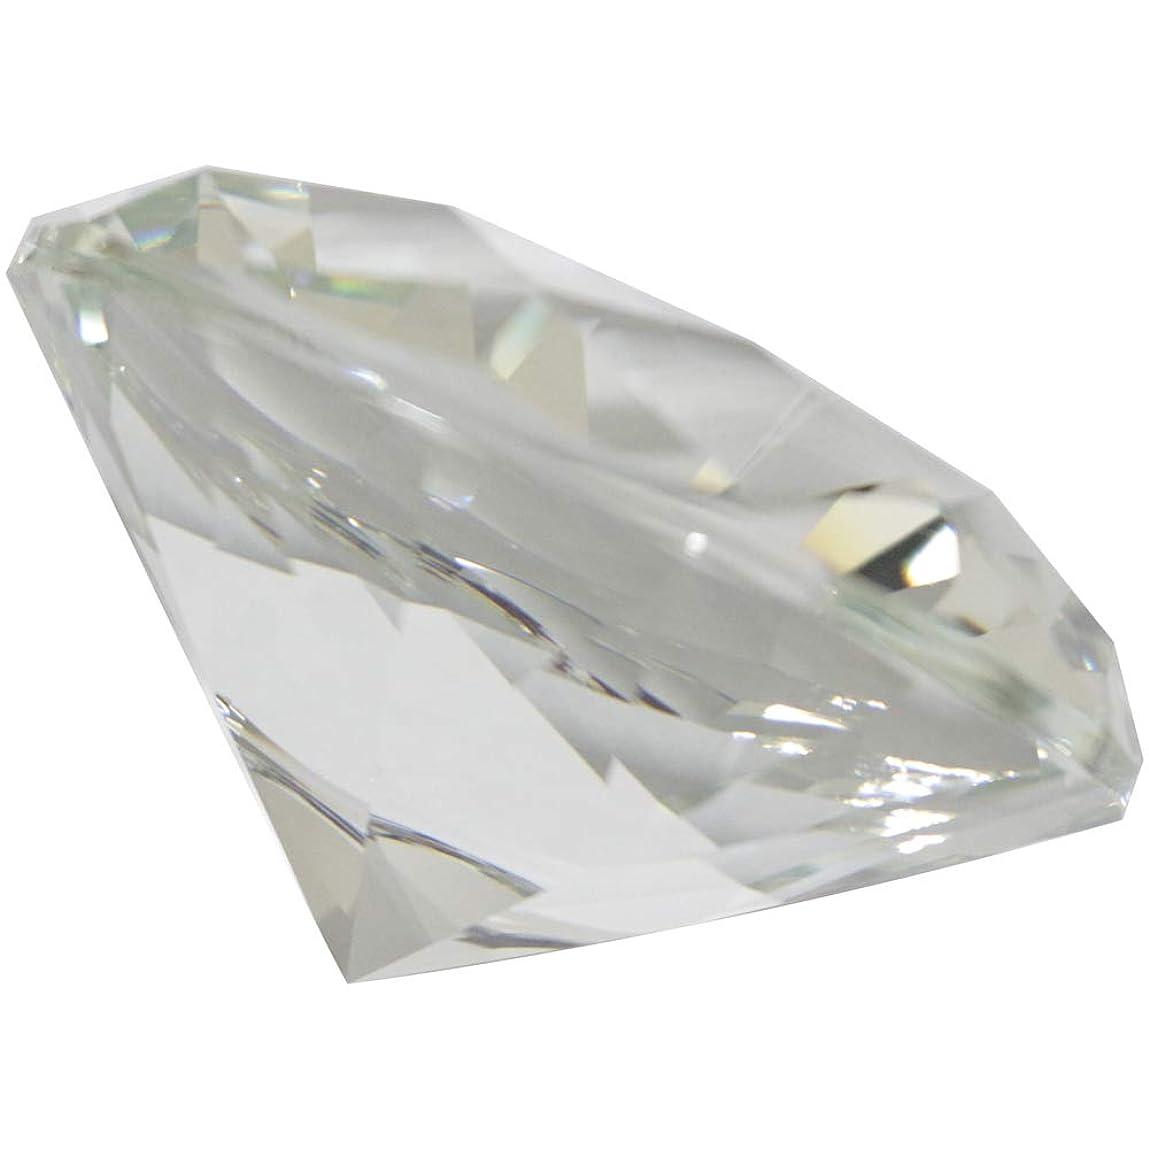 ファンネルウェブスパイダー鳩含意MATIERE ダイヤモンド型ガラスオブジェ100m